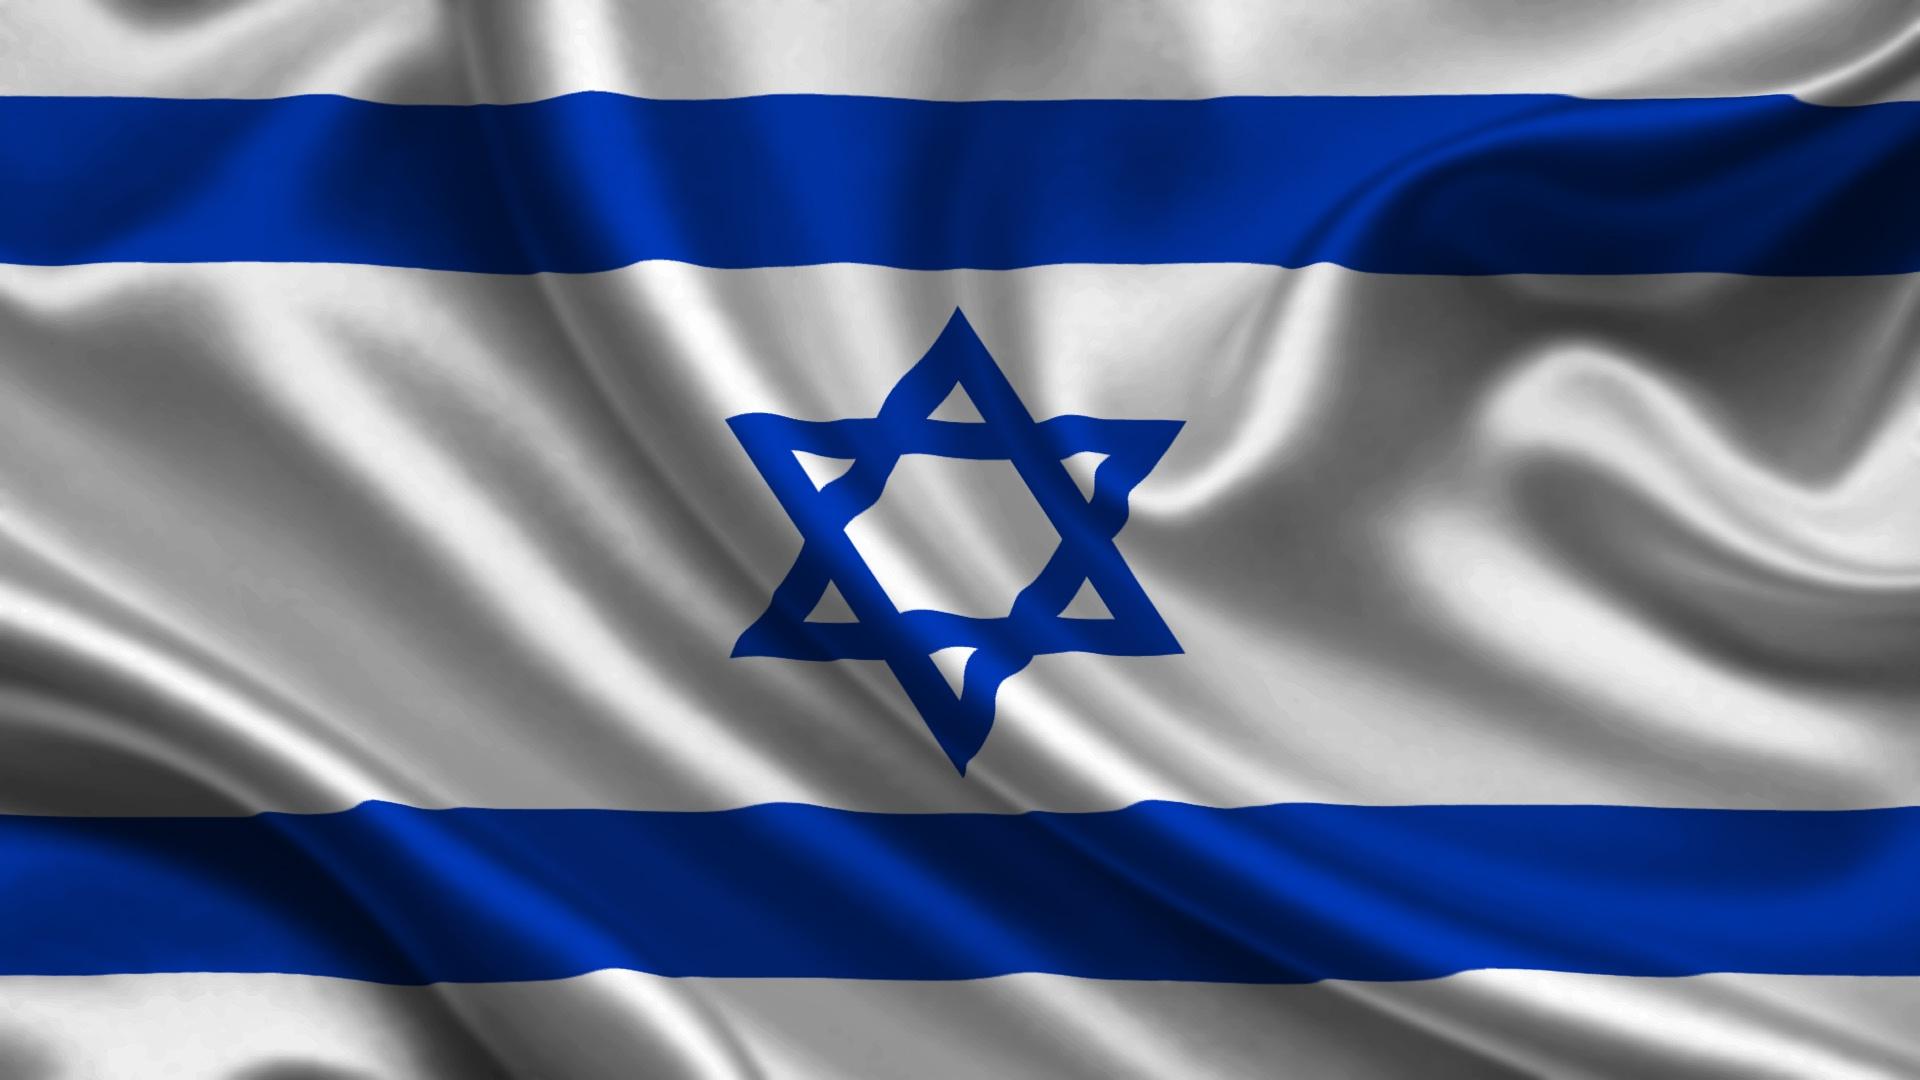 обои для рабочего стола флаг израиля № 389458  скачать